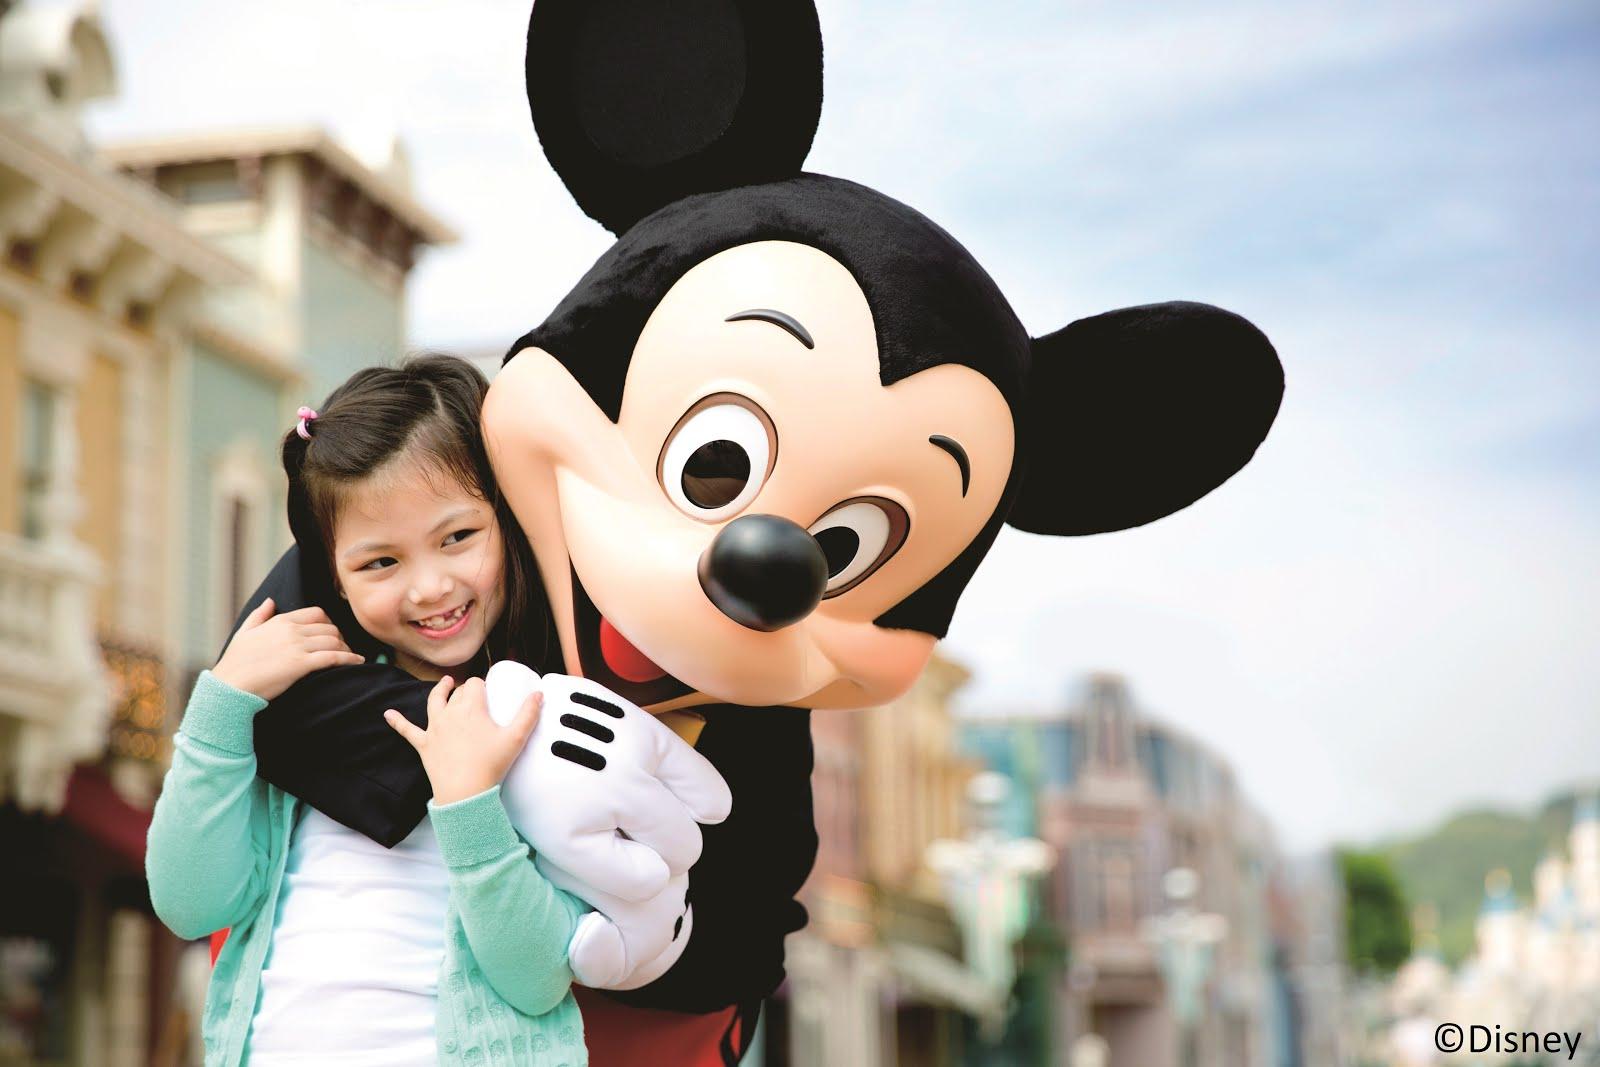 Mickey Mouse Experience at Disneyland, Hong Kong